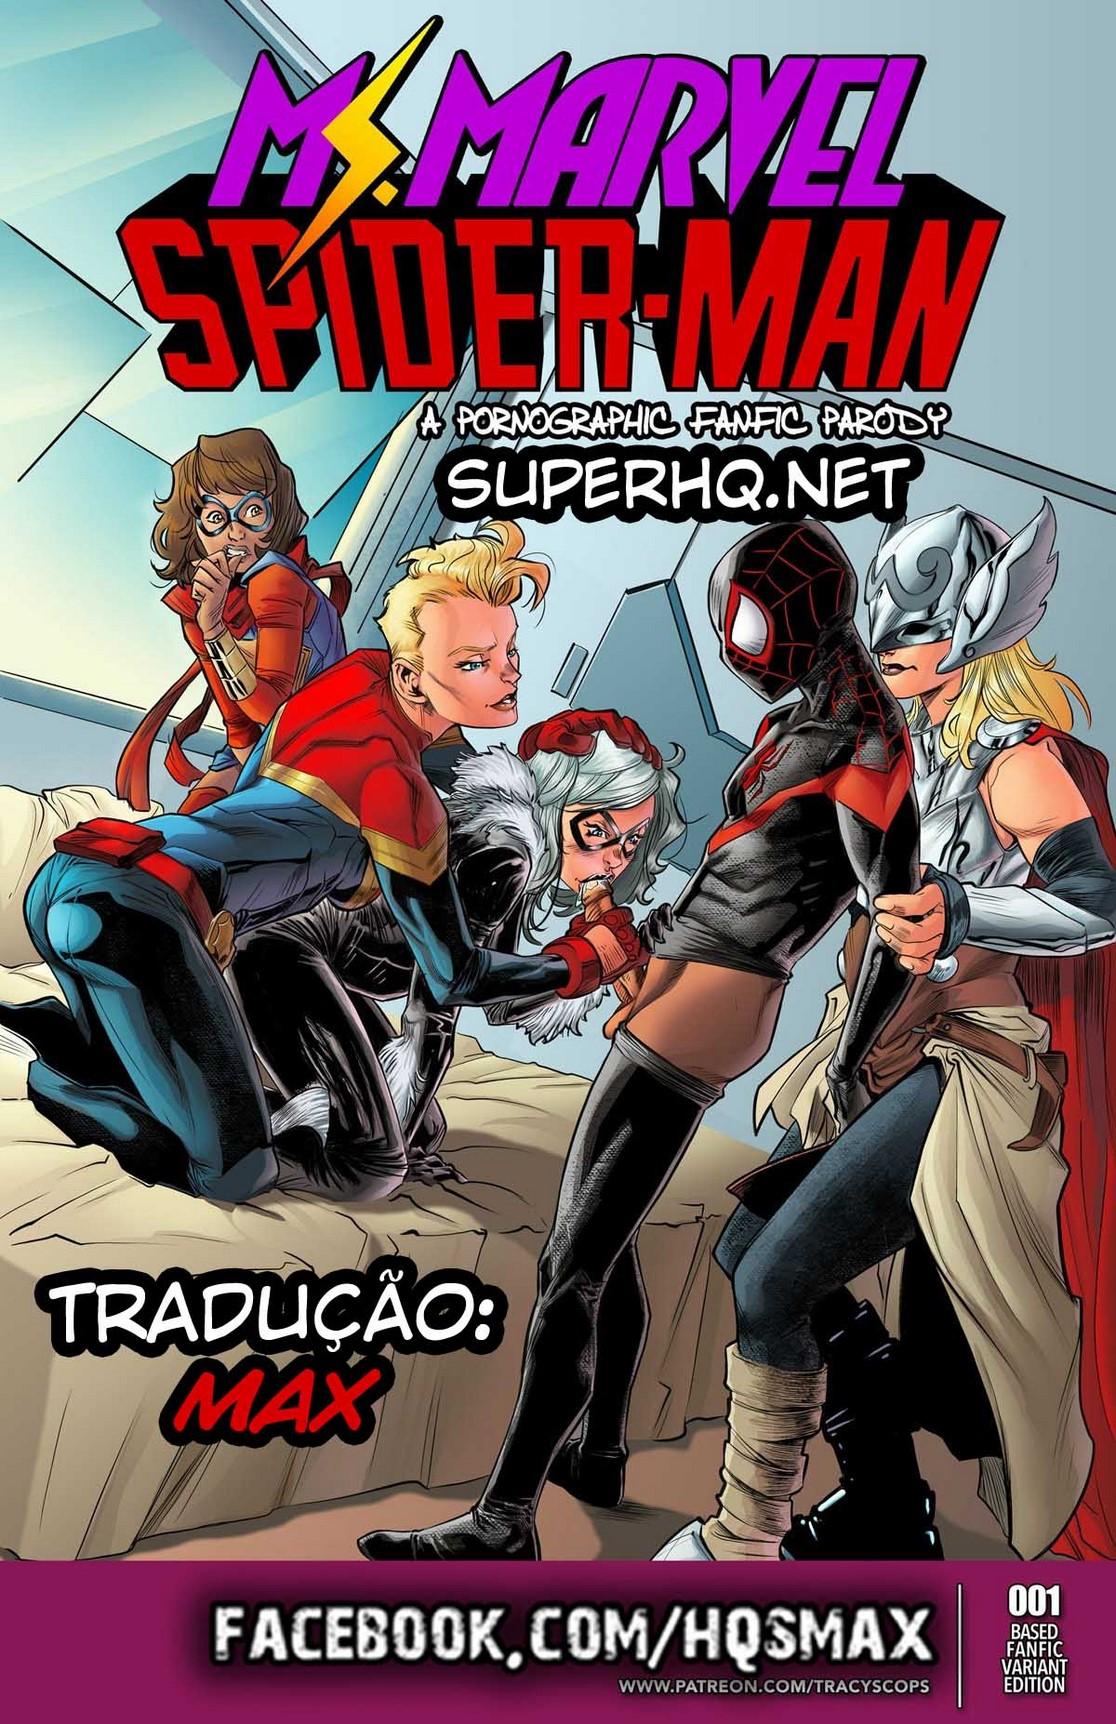 Marvel Porno Homem Aranha Fudendo